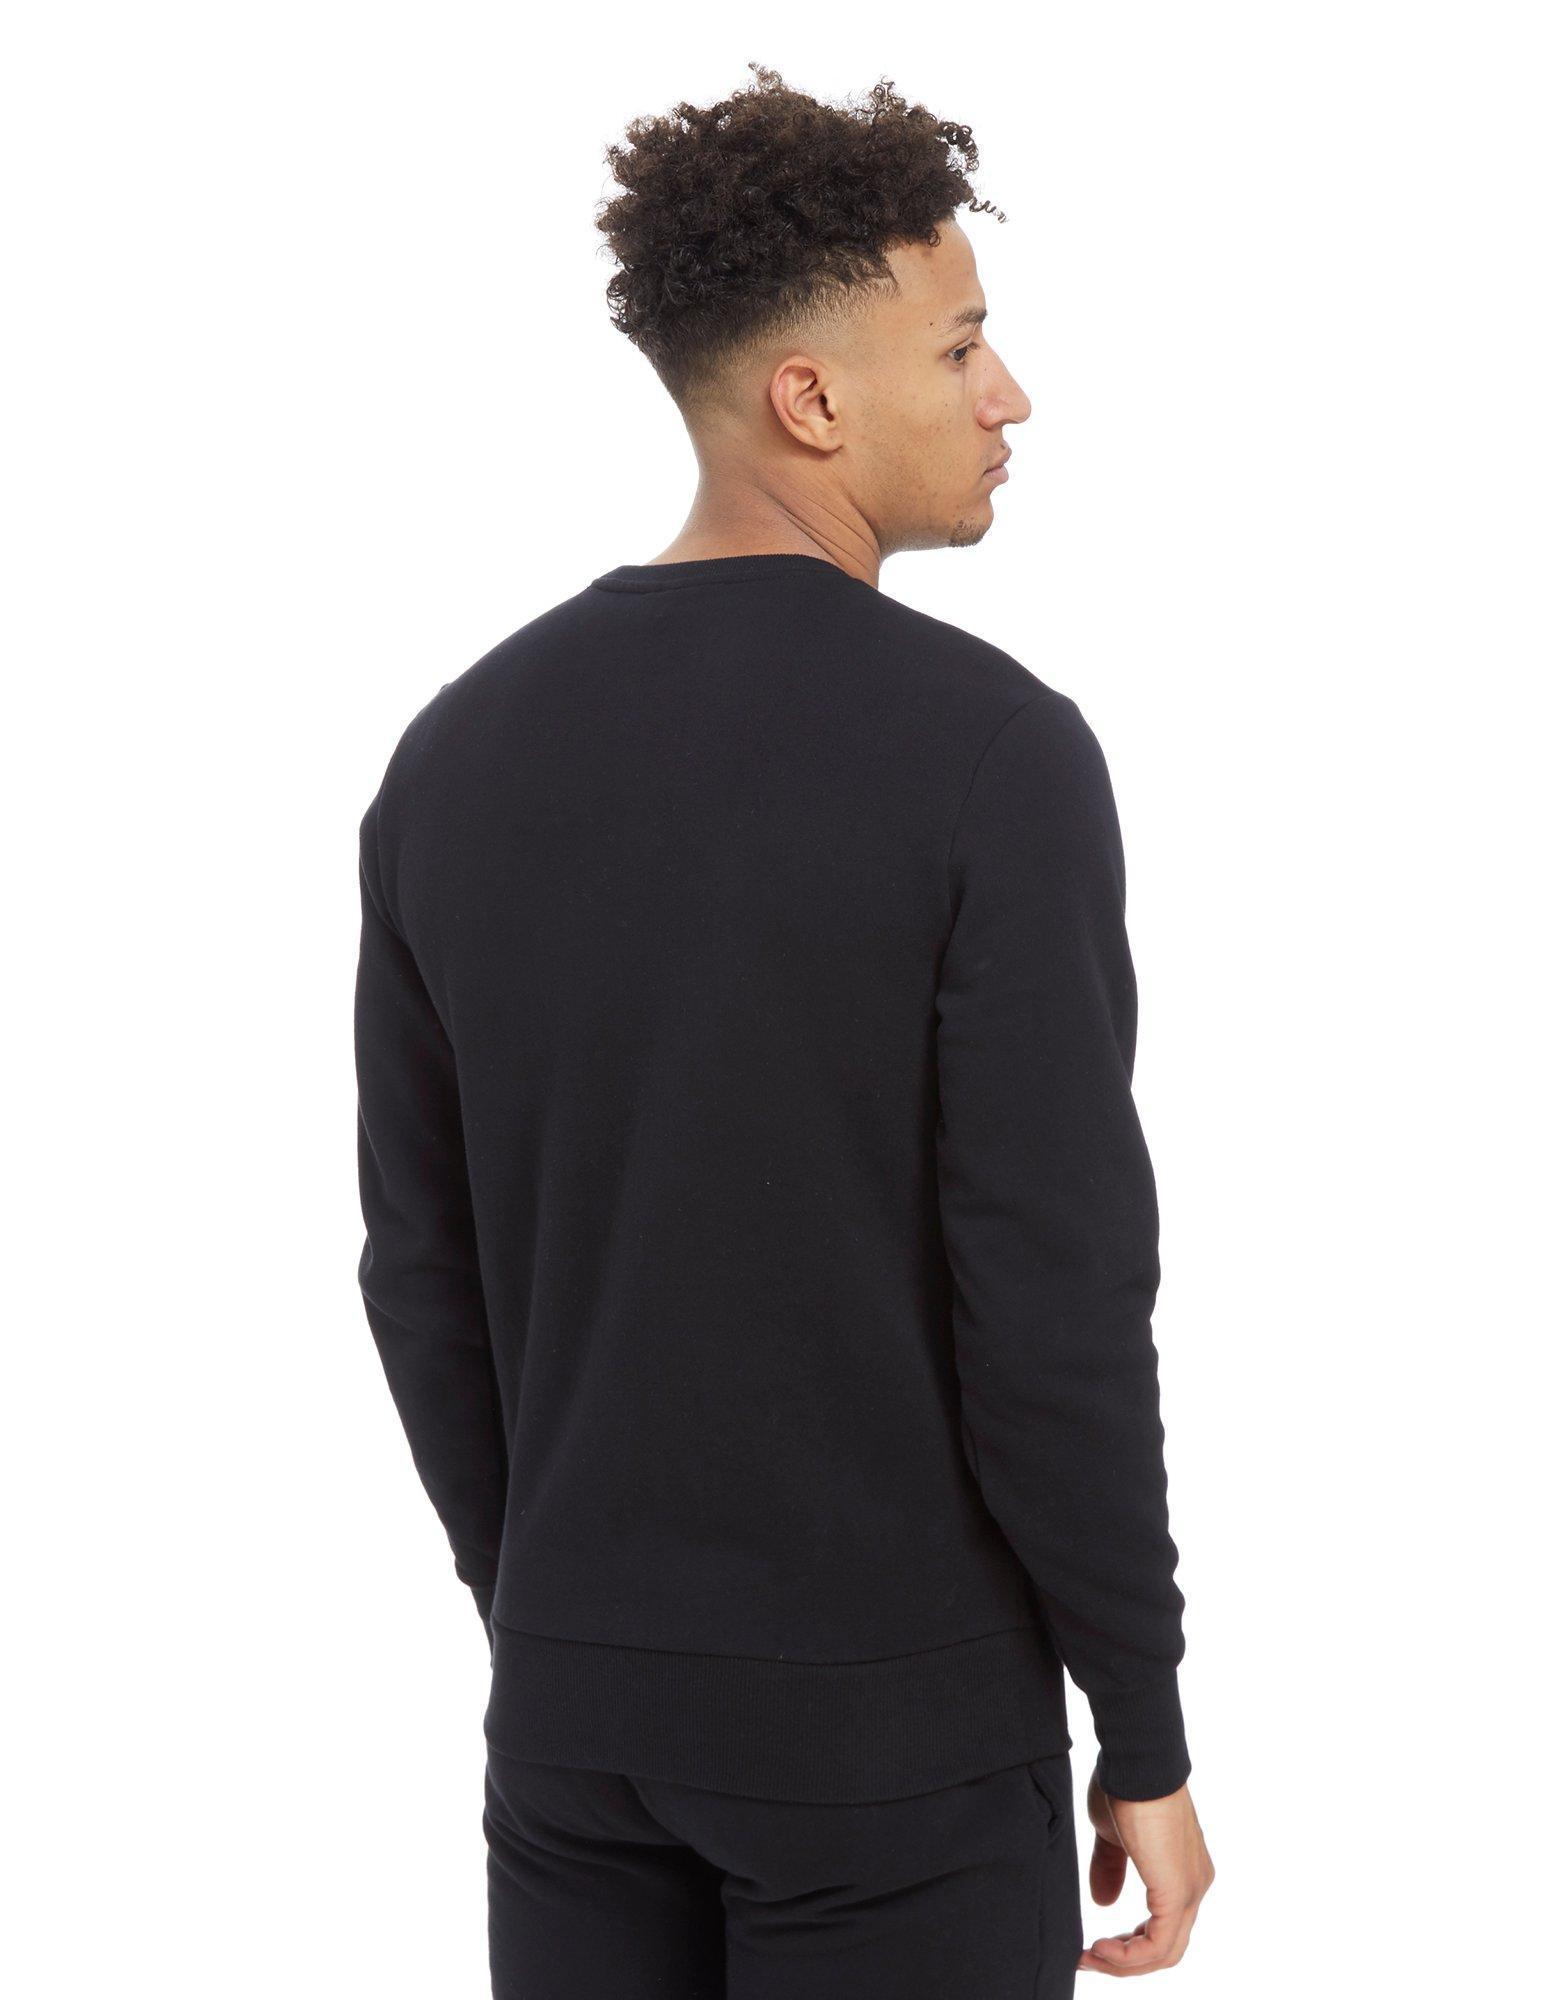 Ellesse Cotton Diveria Crew Sweatshirt in Black for Men